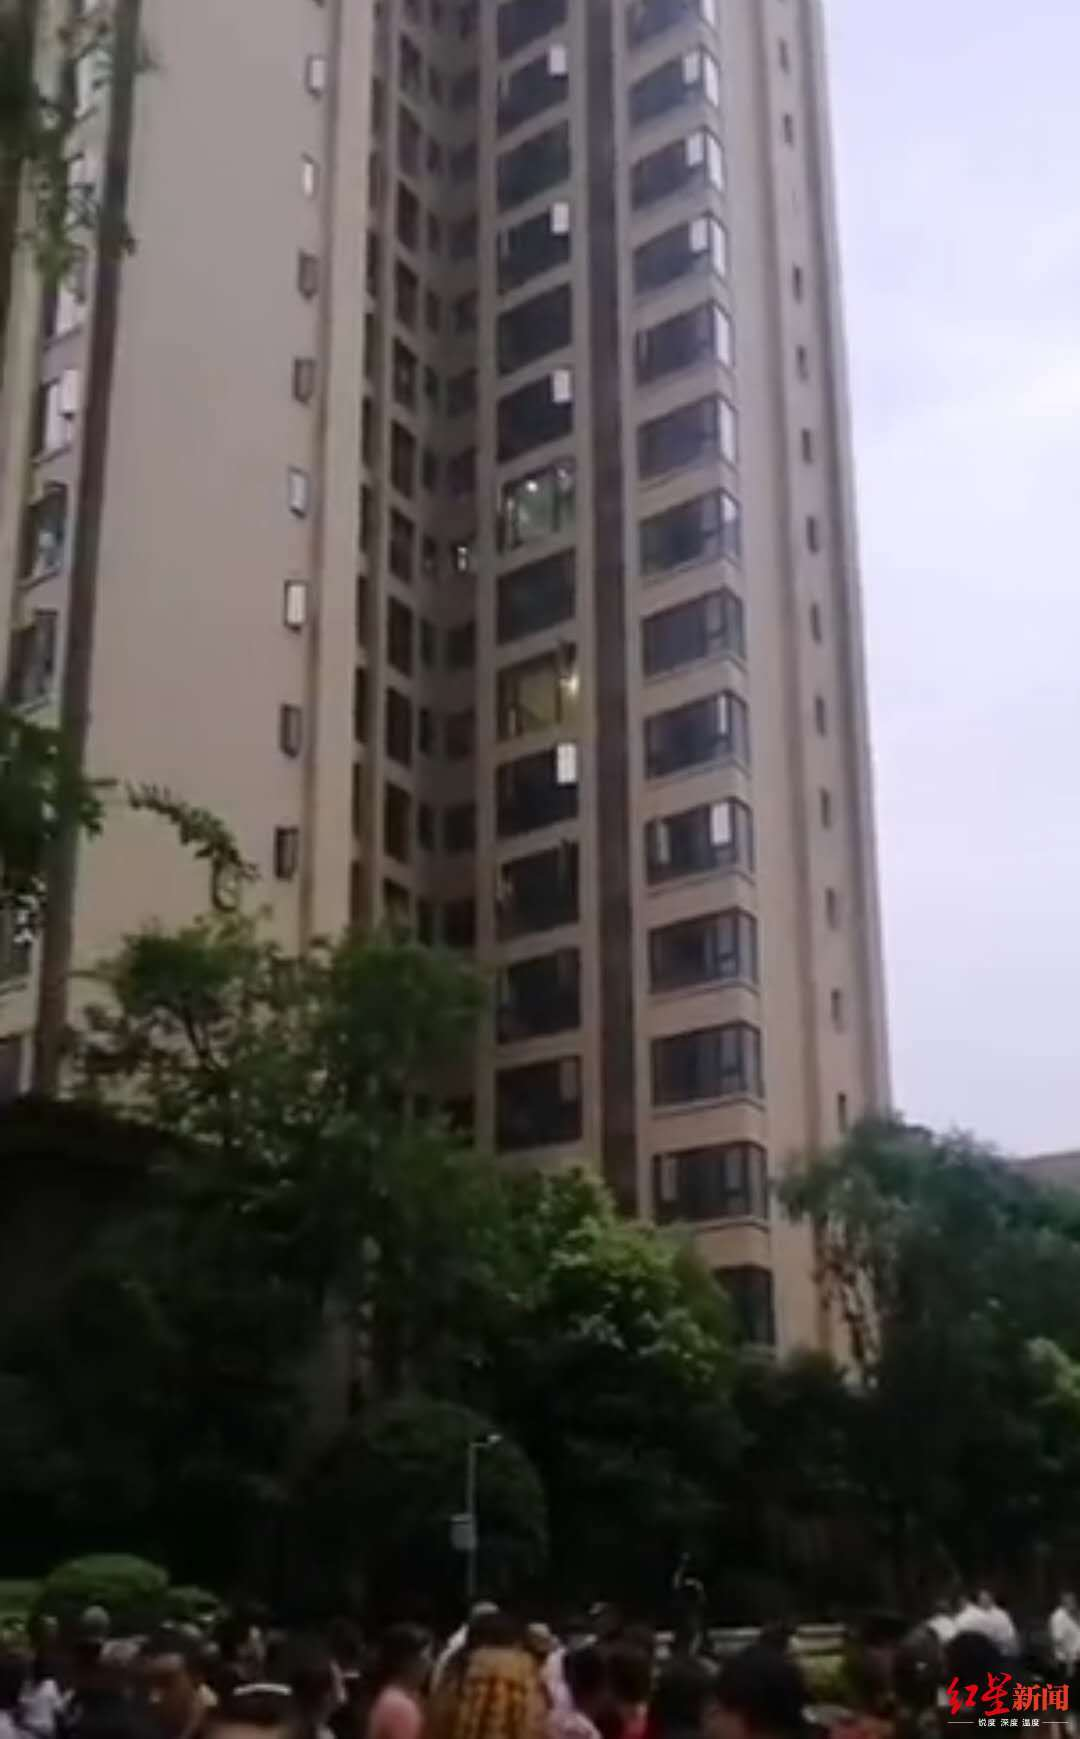 悲剧!四川内江一小区2岁女孩从32楼家中坠亡